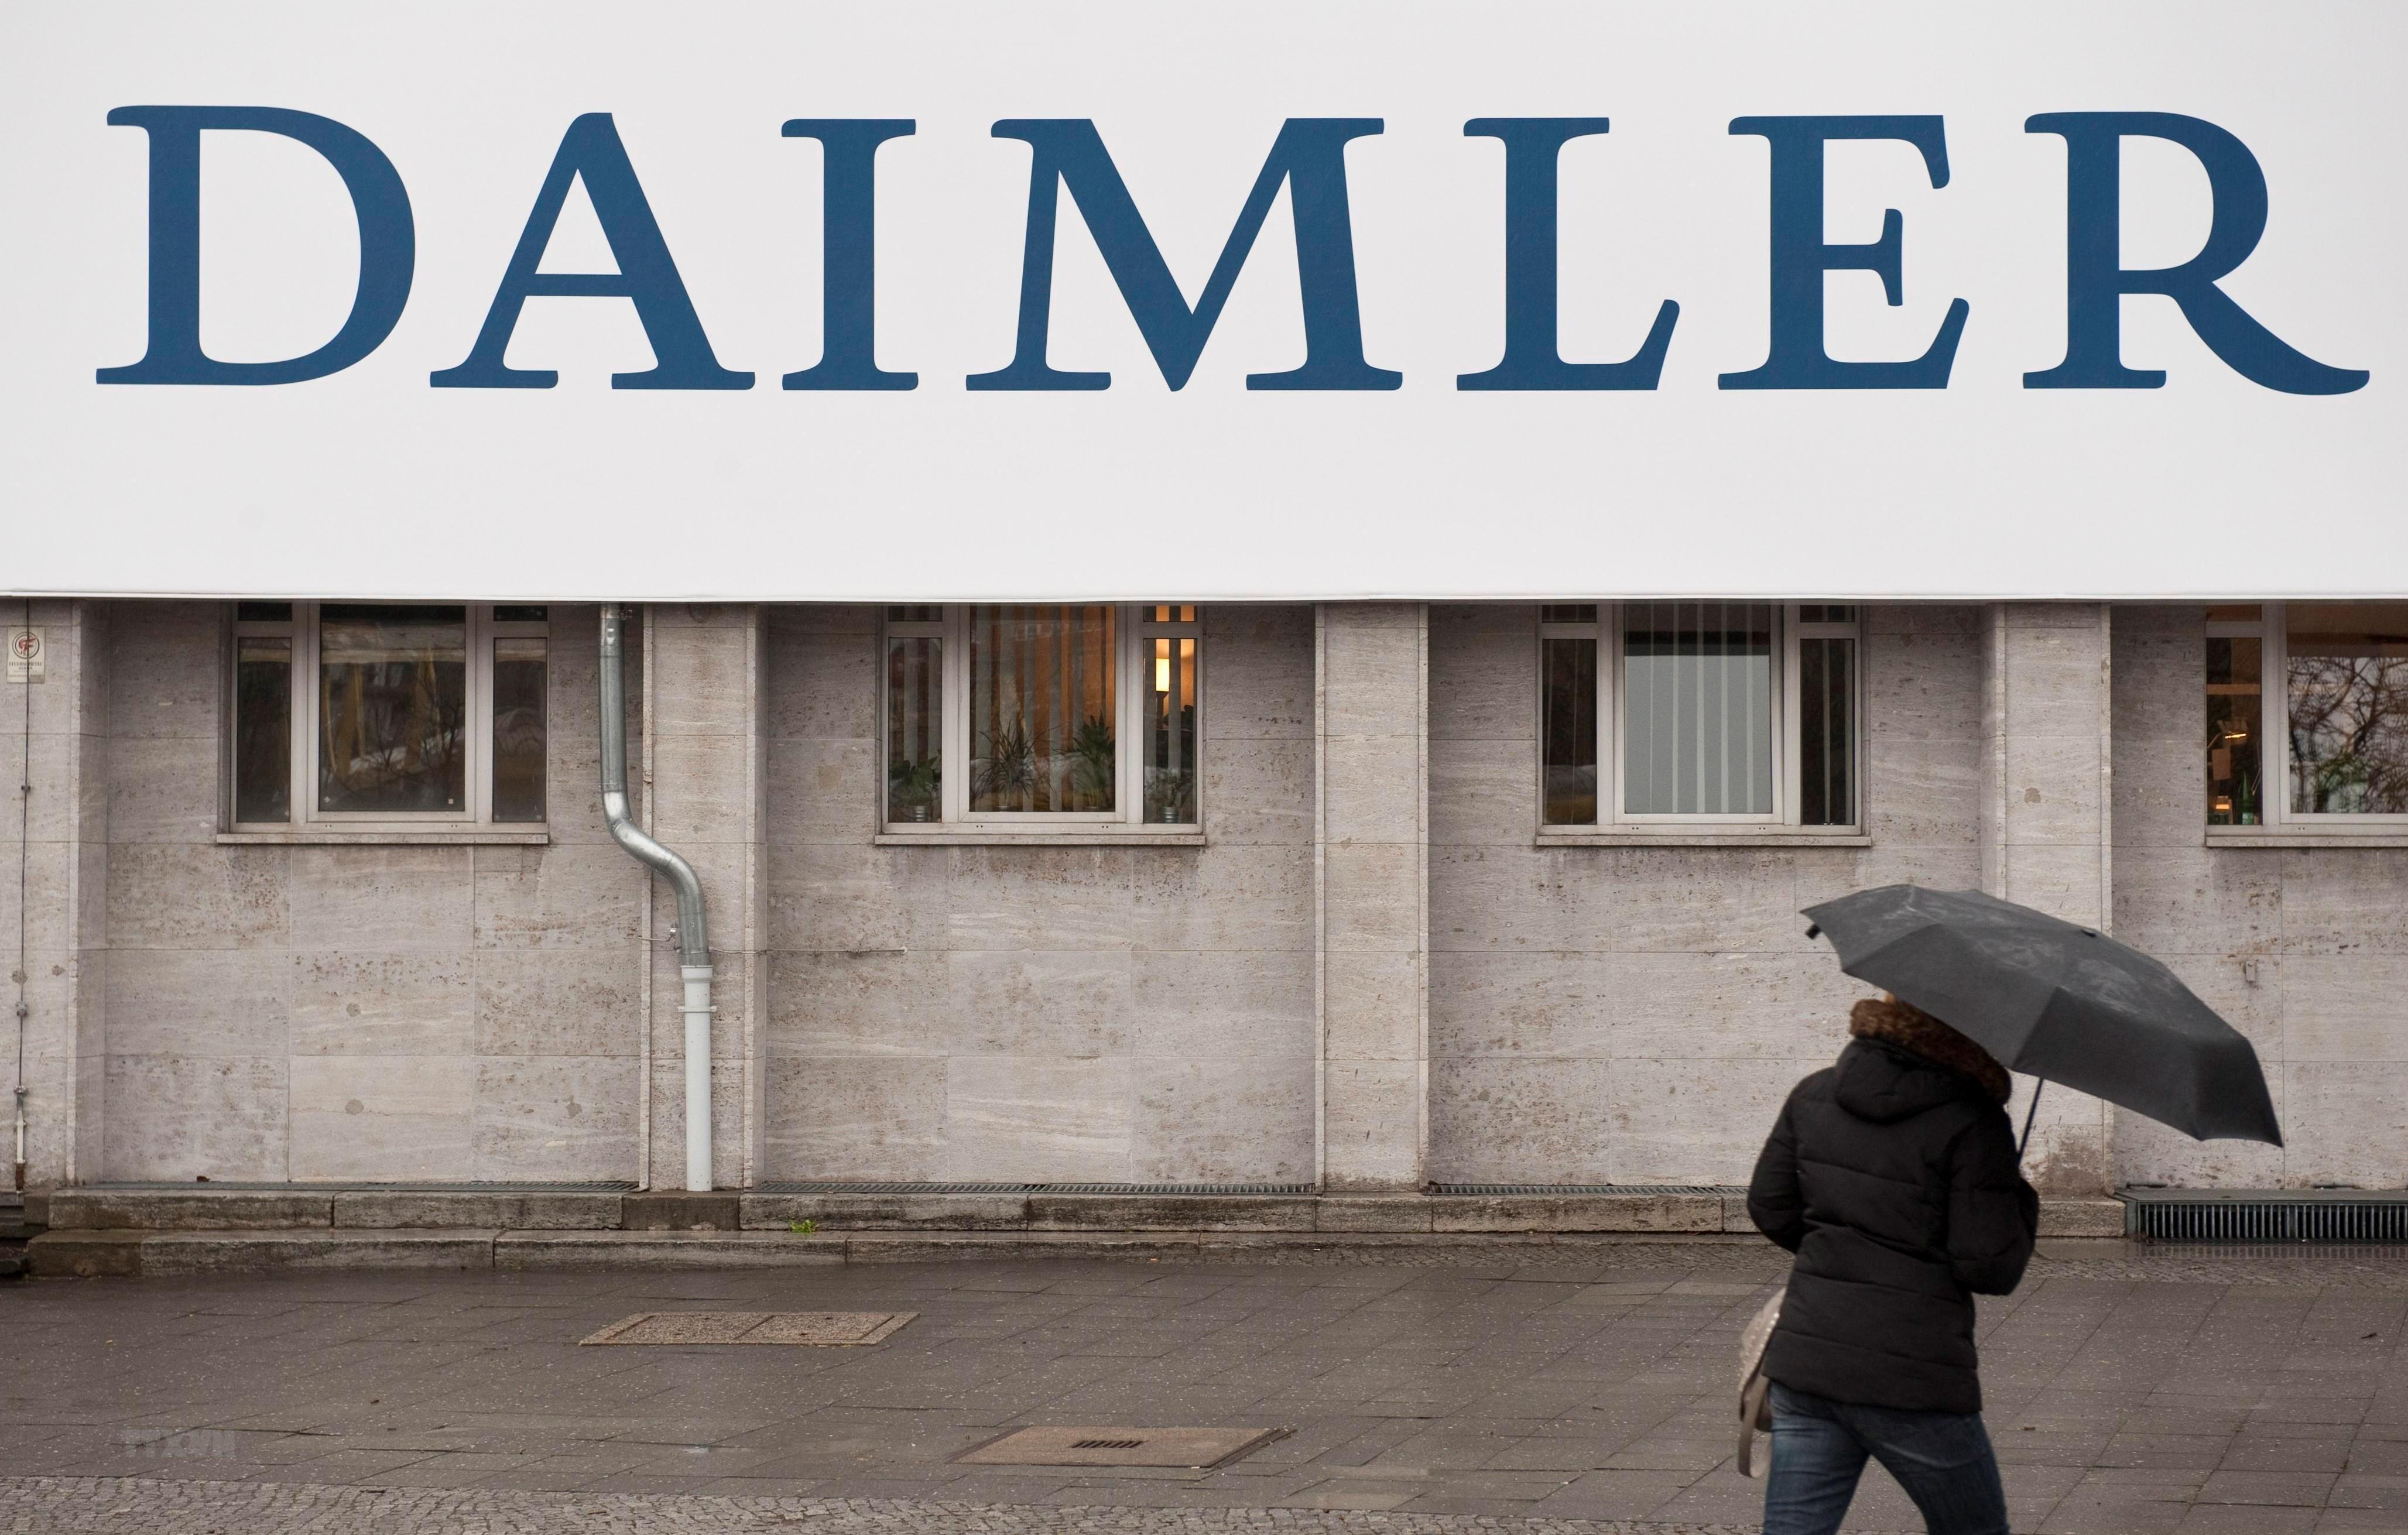 Hãng xe sang Daimler cắt giảm 1 tỷ euro chi phí nhân công ảnh 1